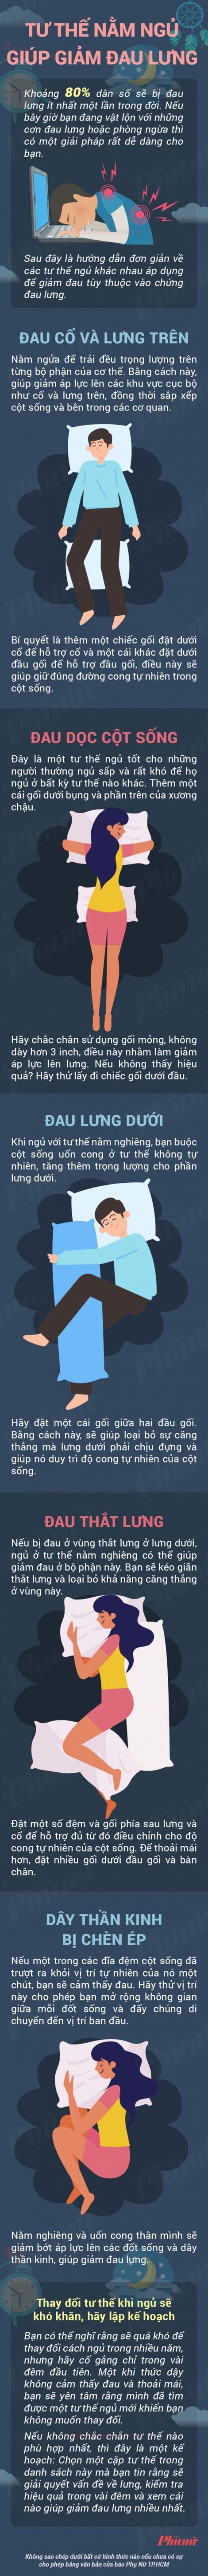 Những tư thế nằm ngủ giúp trị đau lưng